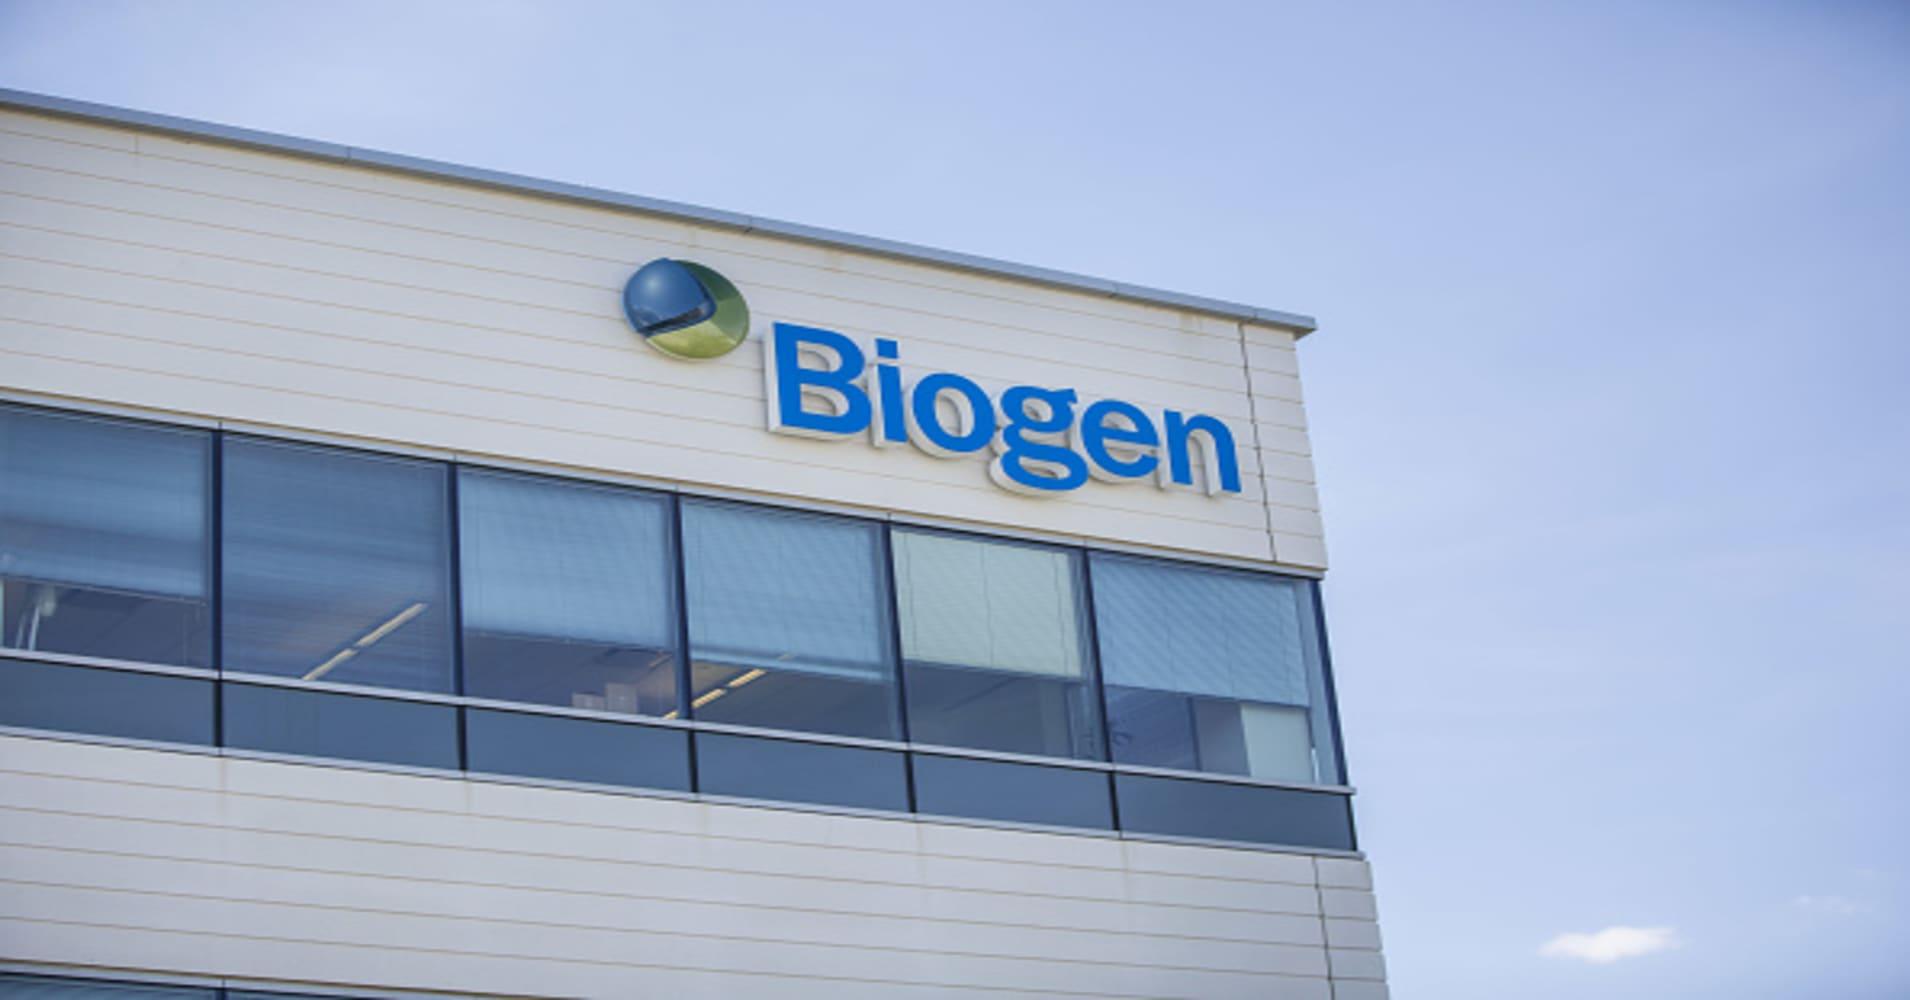 Biogen shares plunge nearly 30% after ending trial for potential blockbuster Alzheimer's drug